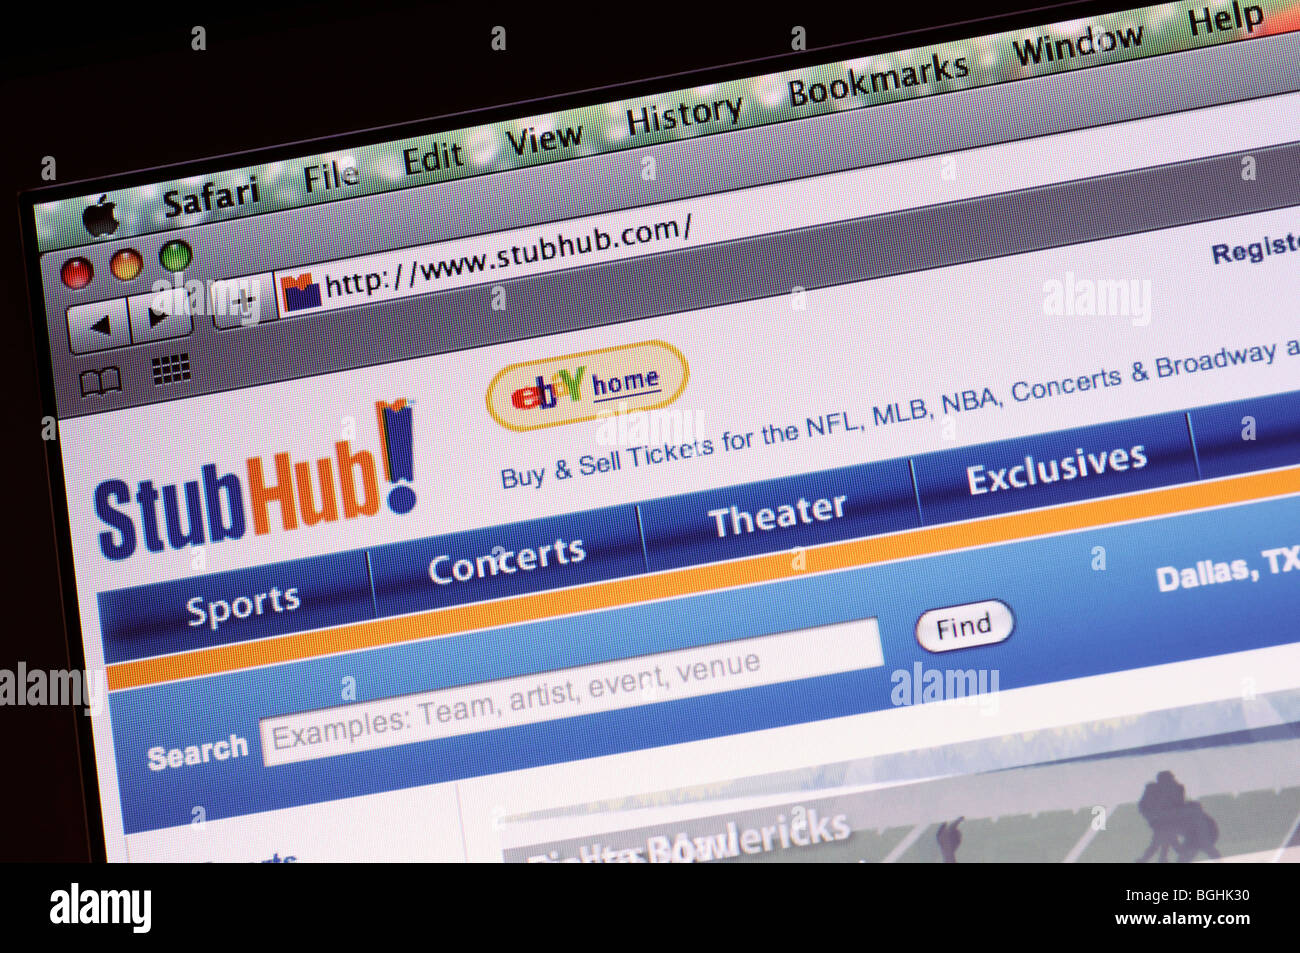 Stub Hub website - Stock Image